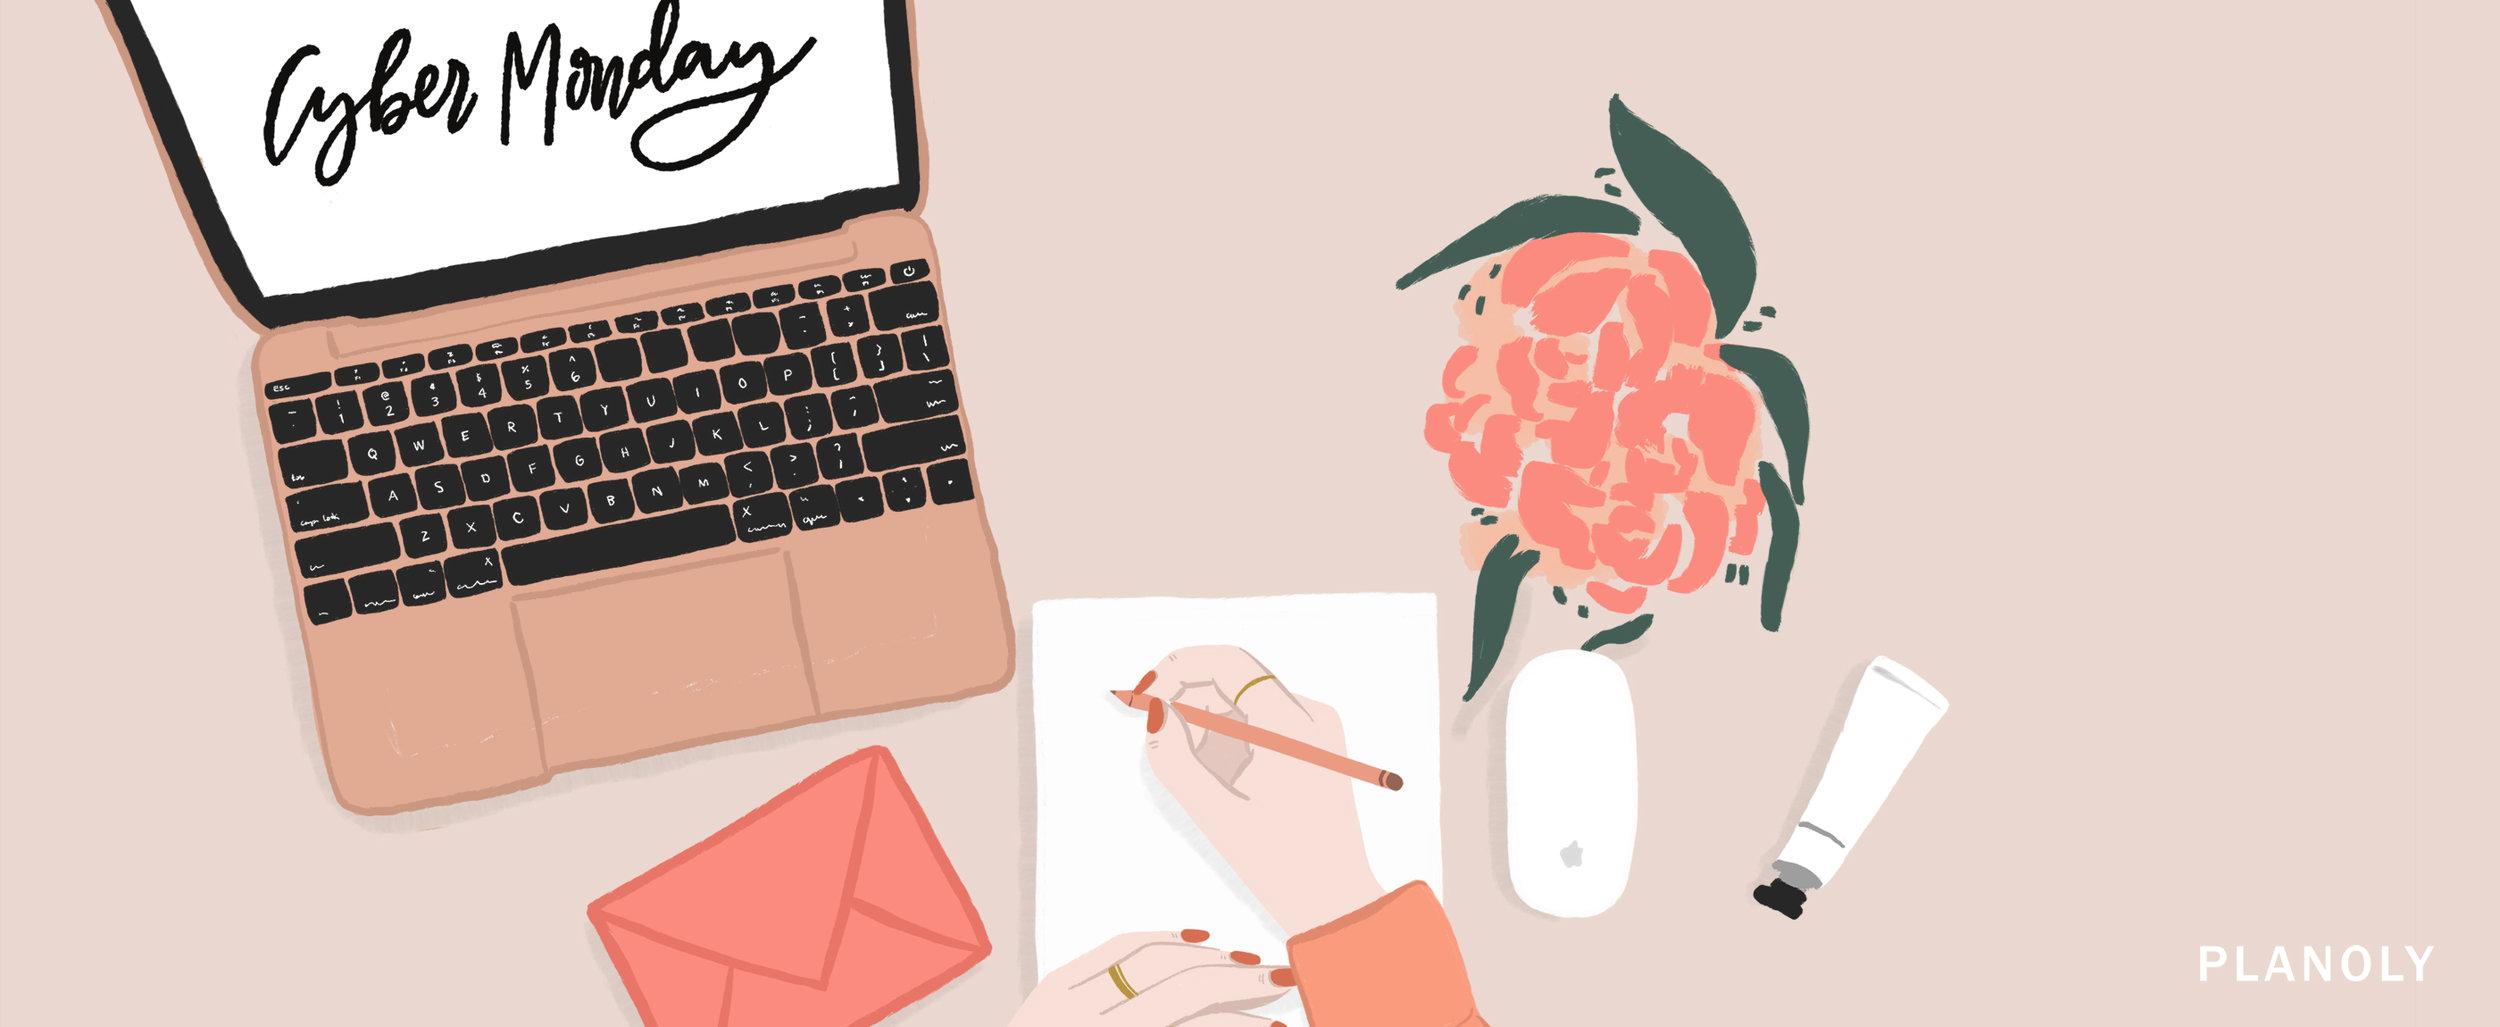 Image via Planoly.com